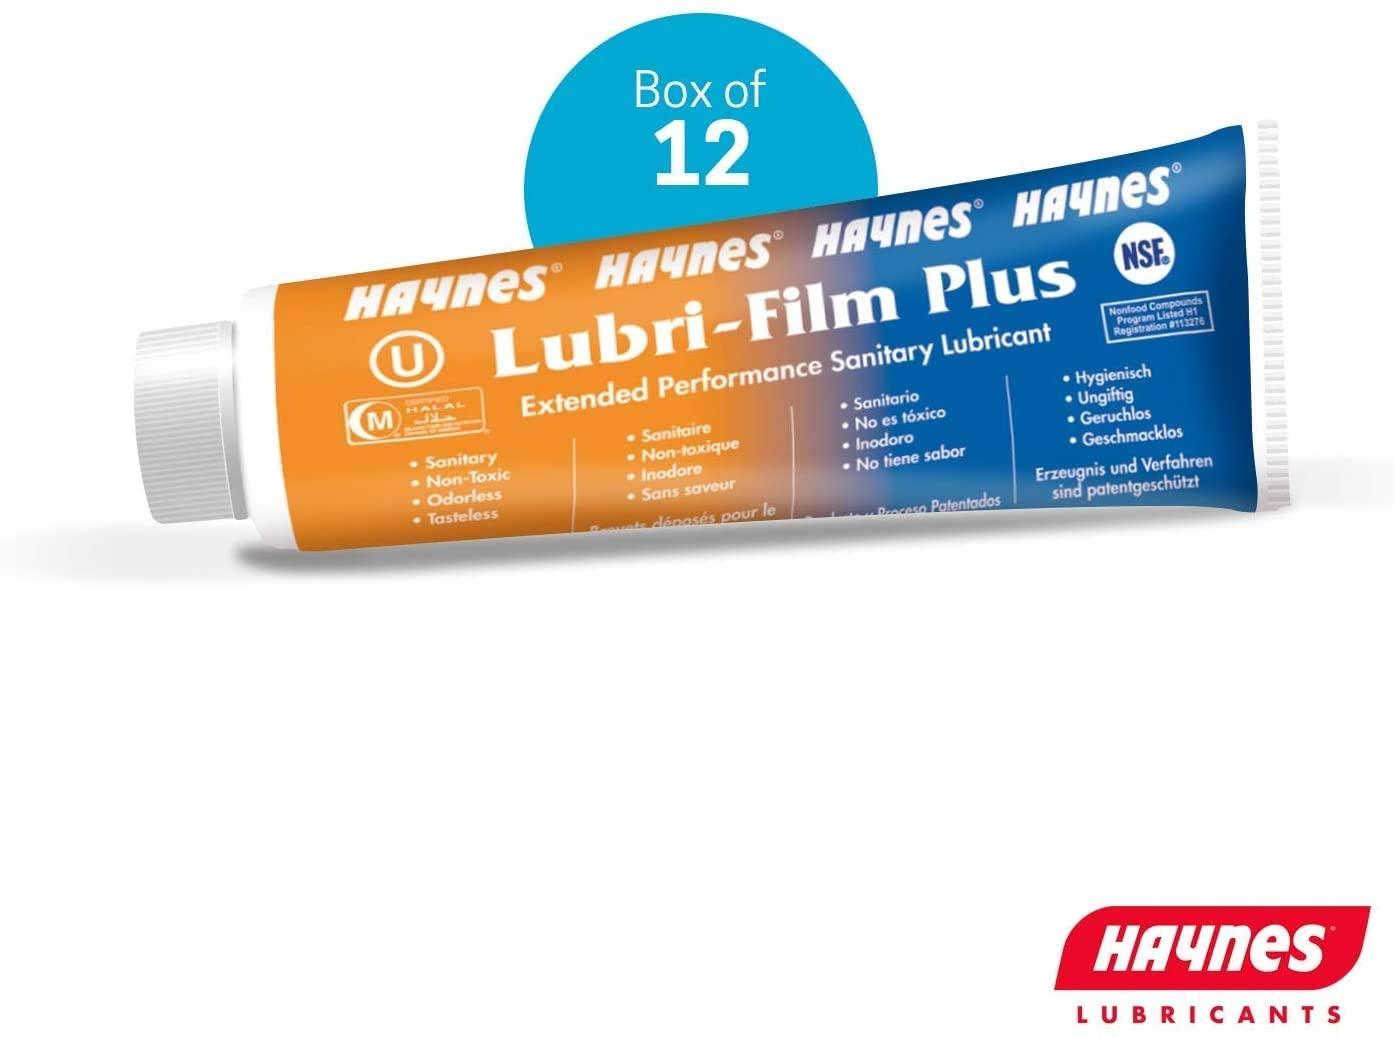 헤인즈 LUBRI-필름 플러스 튜브 12-4 온스. 상자 당 튜브